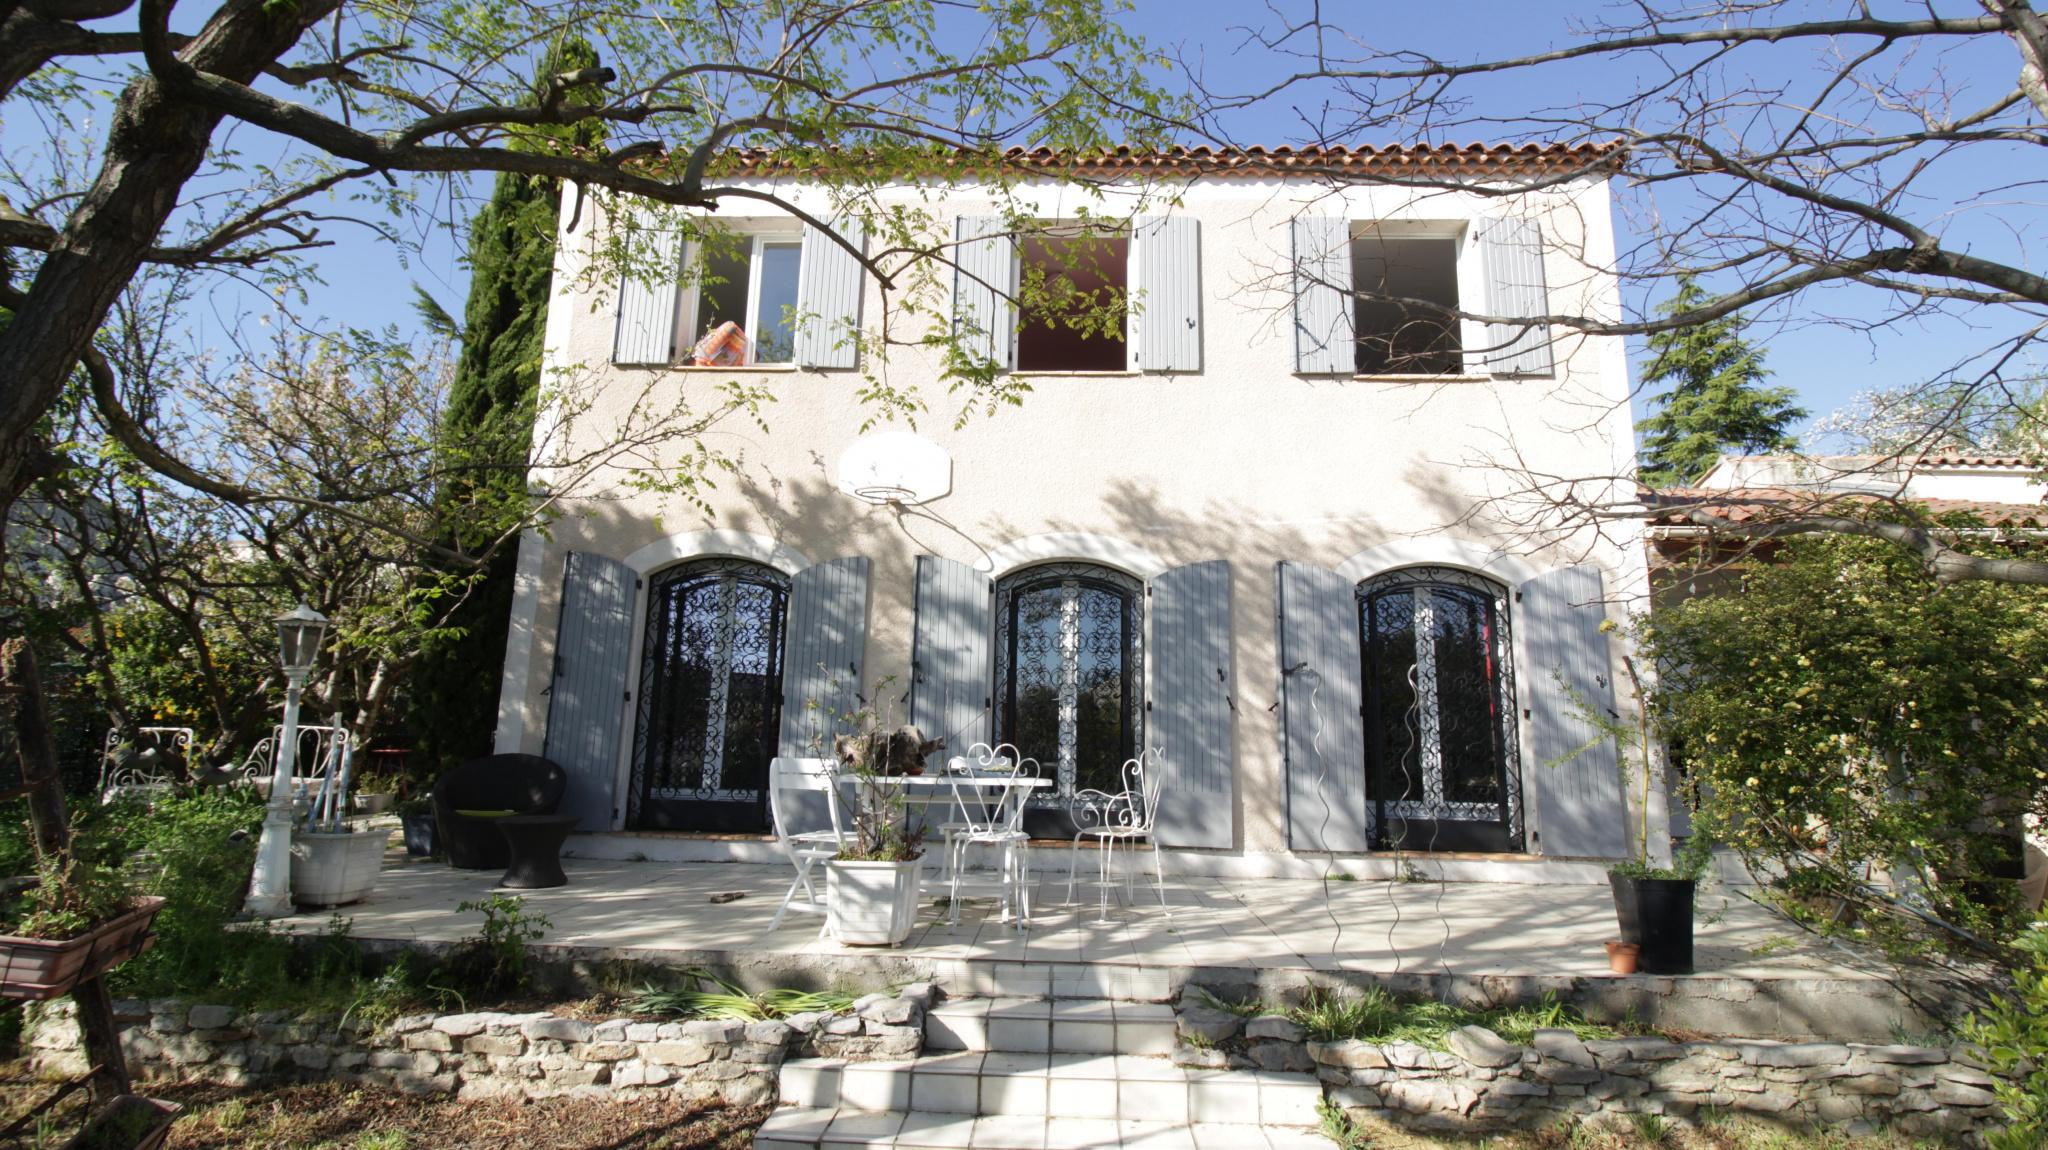 Vente ltp immobilier for Vente maison neuve saint jean de vedas